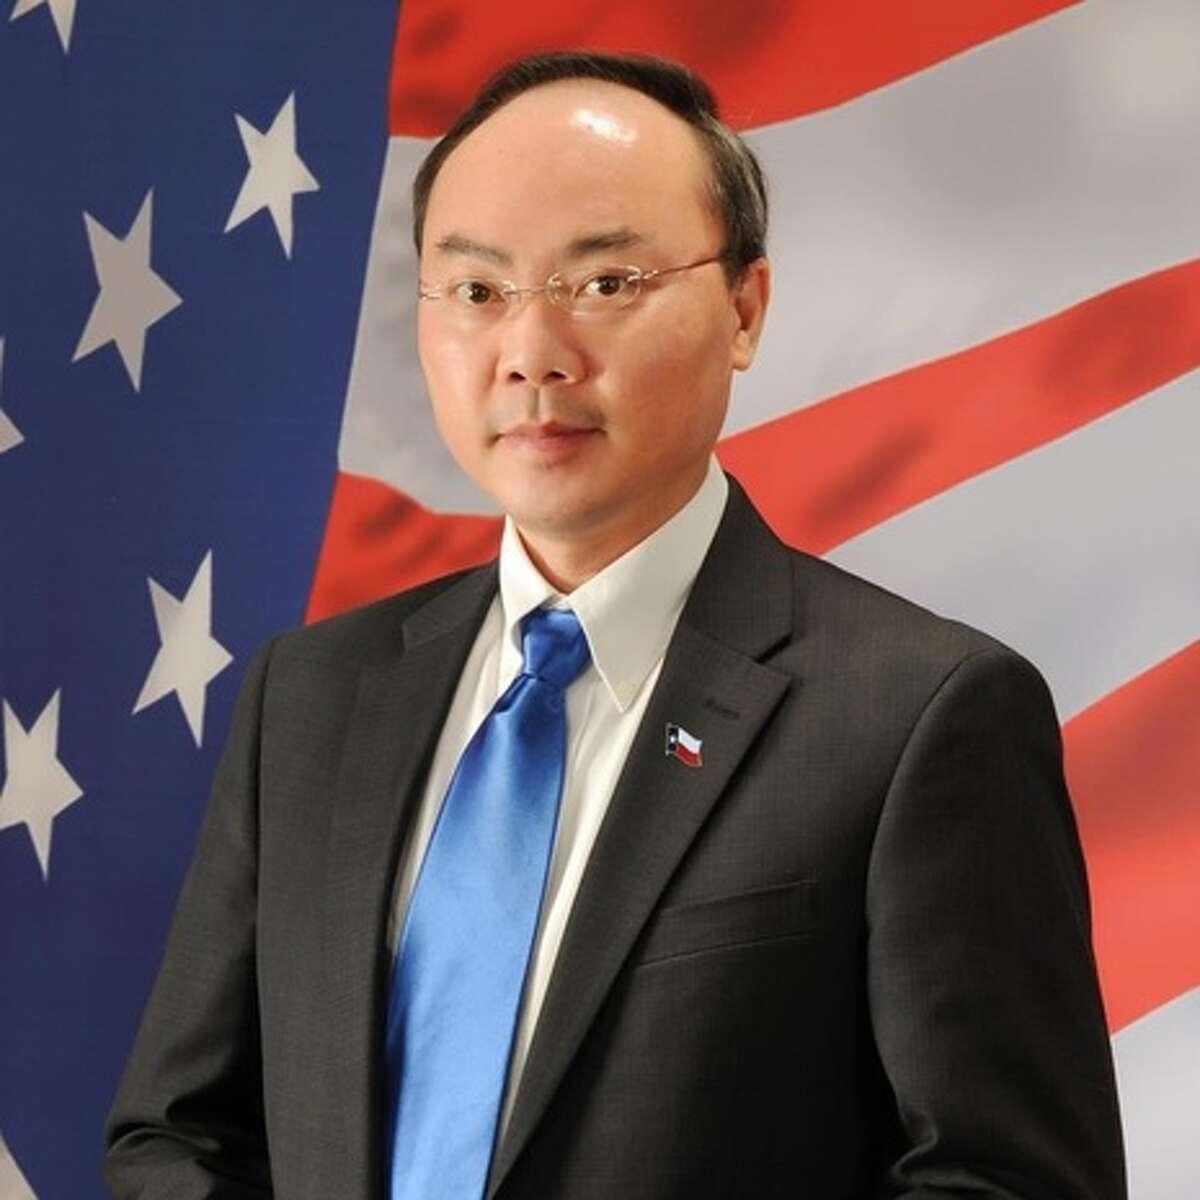 Steve Le